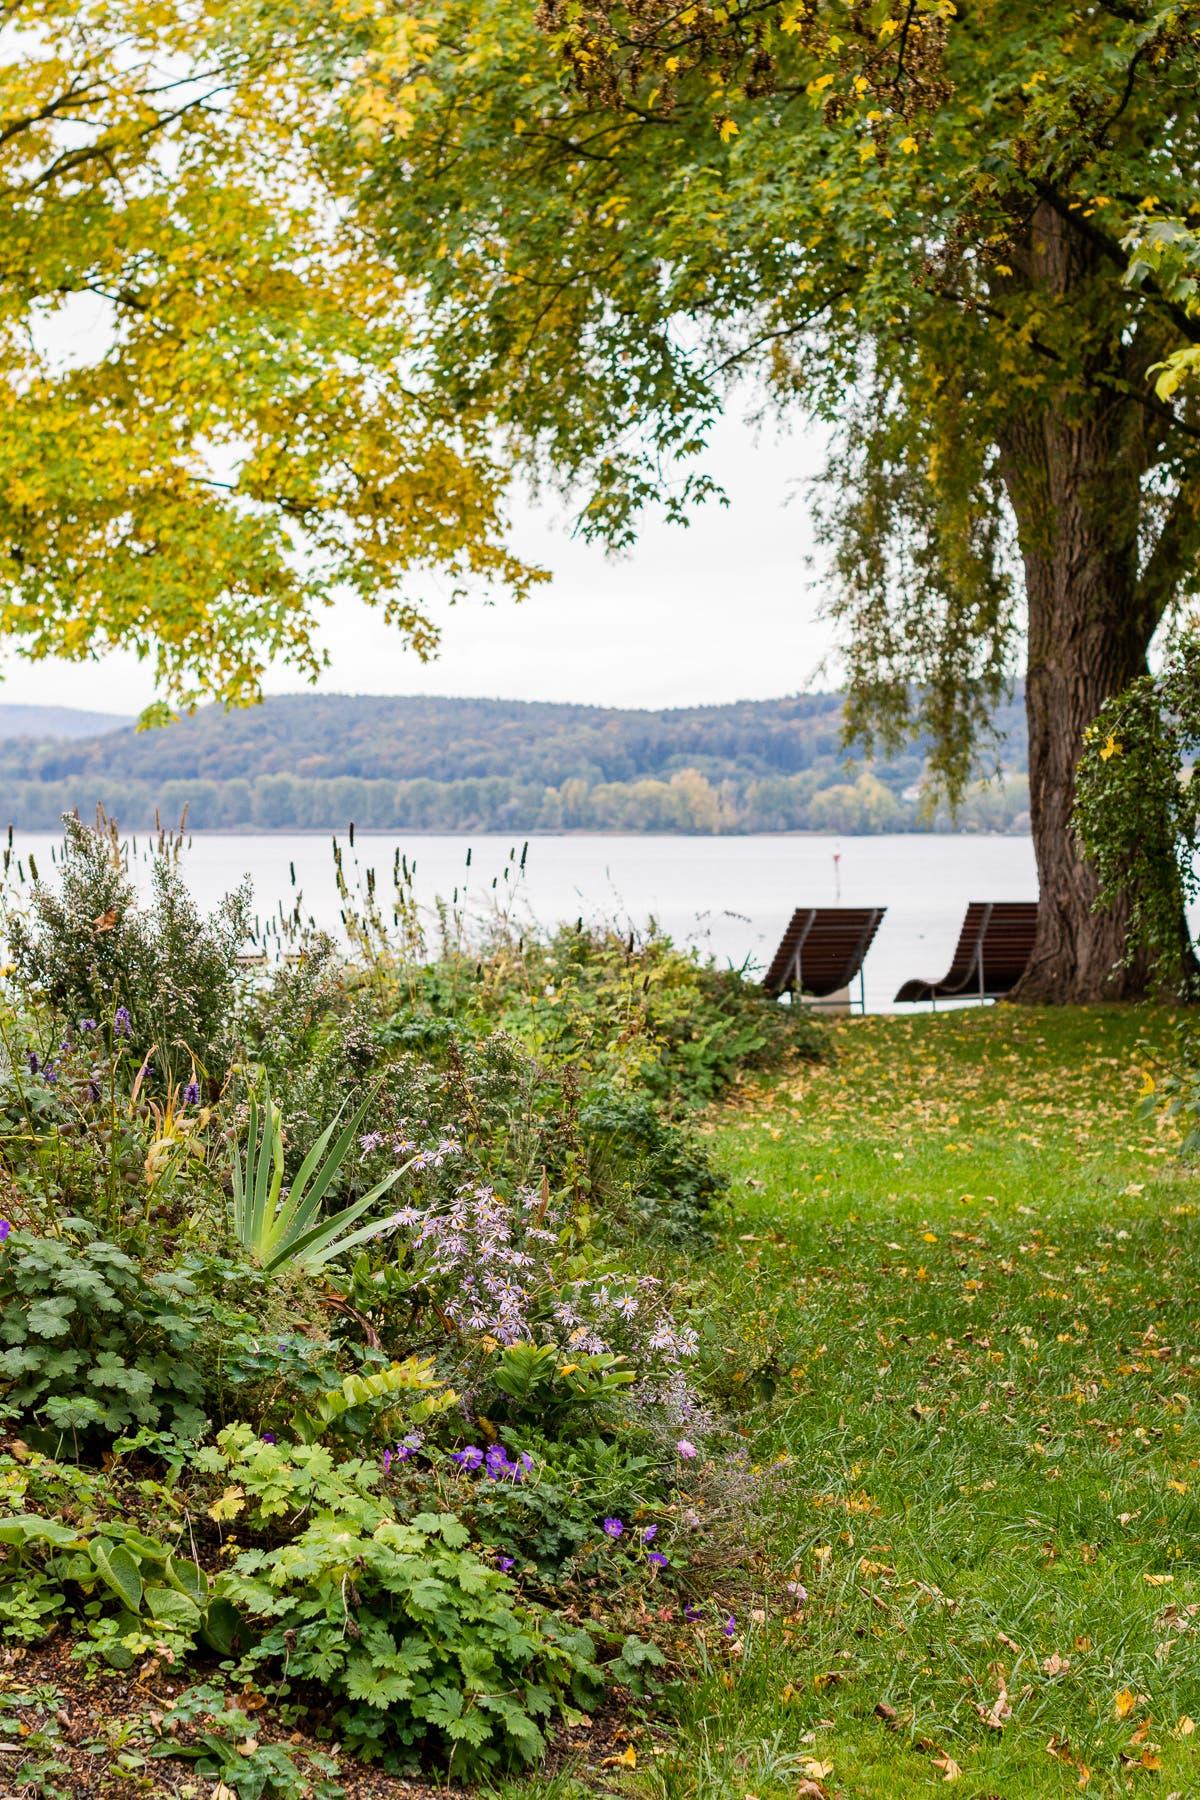 Grüne Wiese mit Blumen und einem Baum im Herbst. Zwei Stühle stehen an einem See.